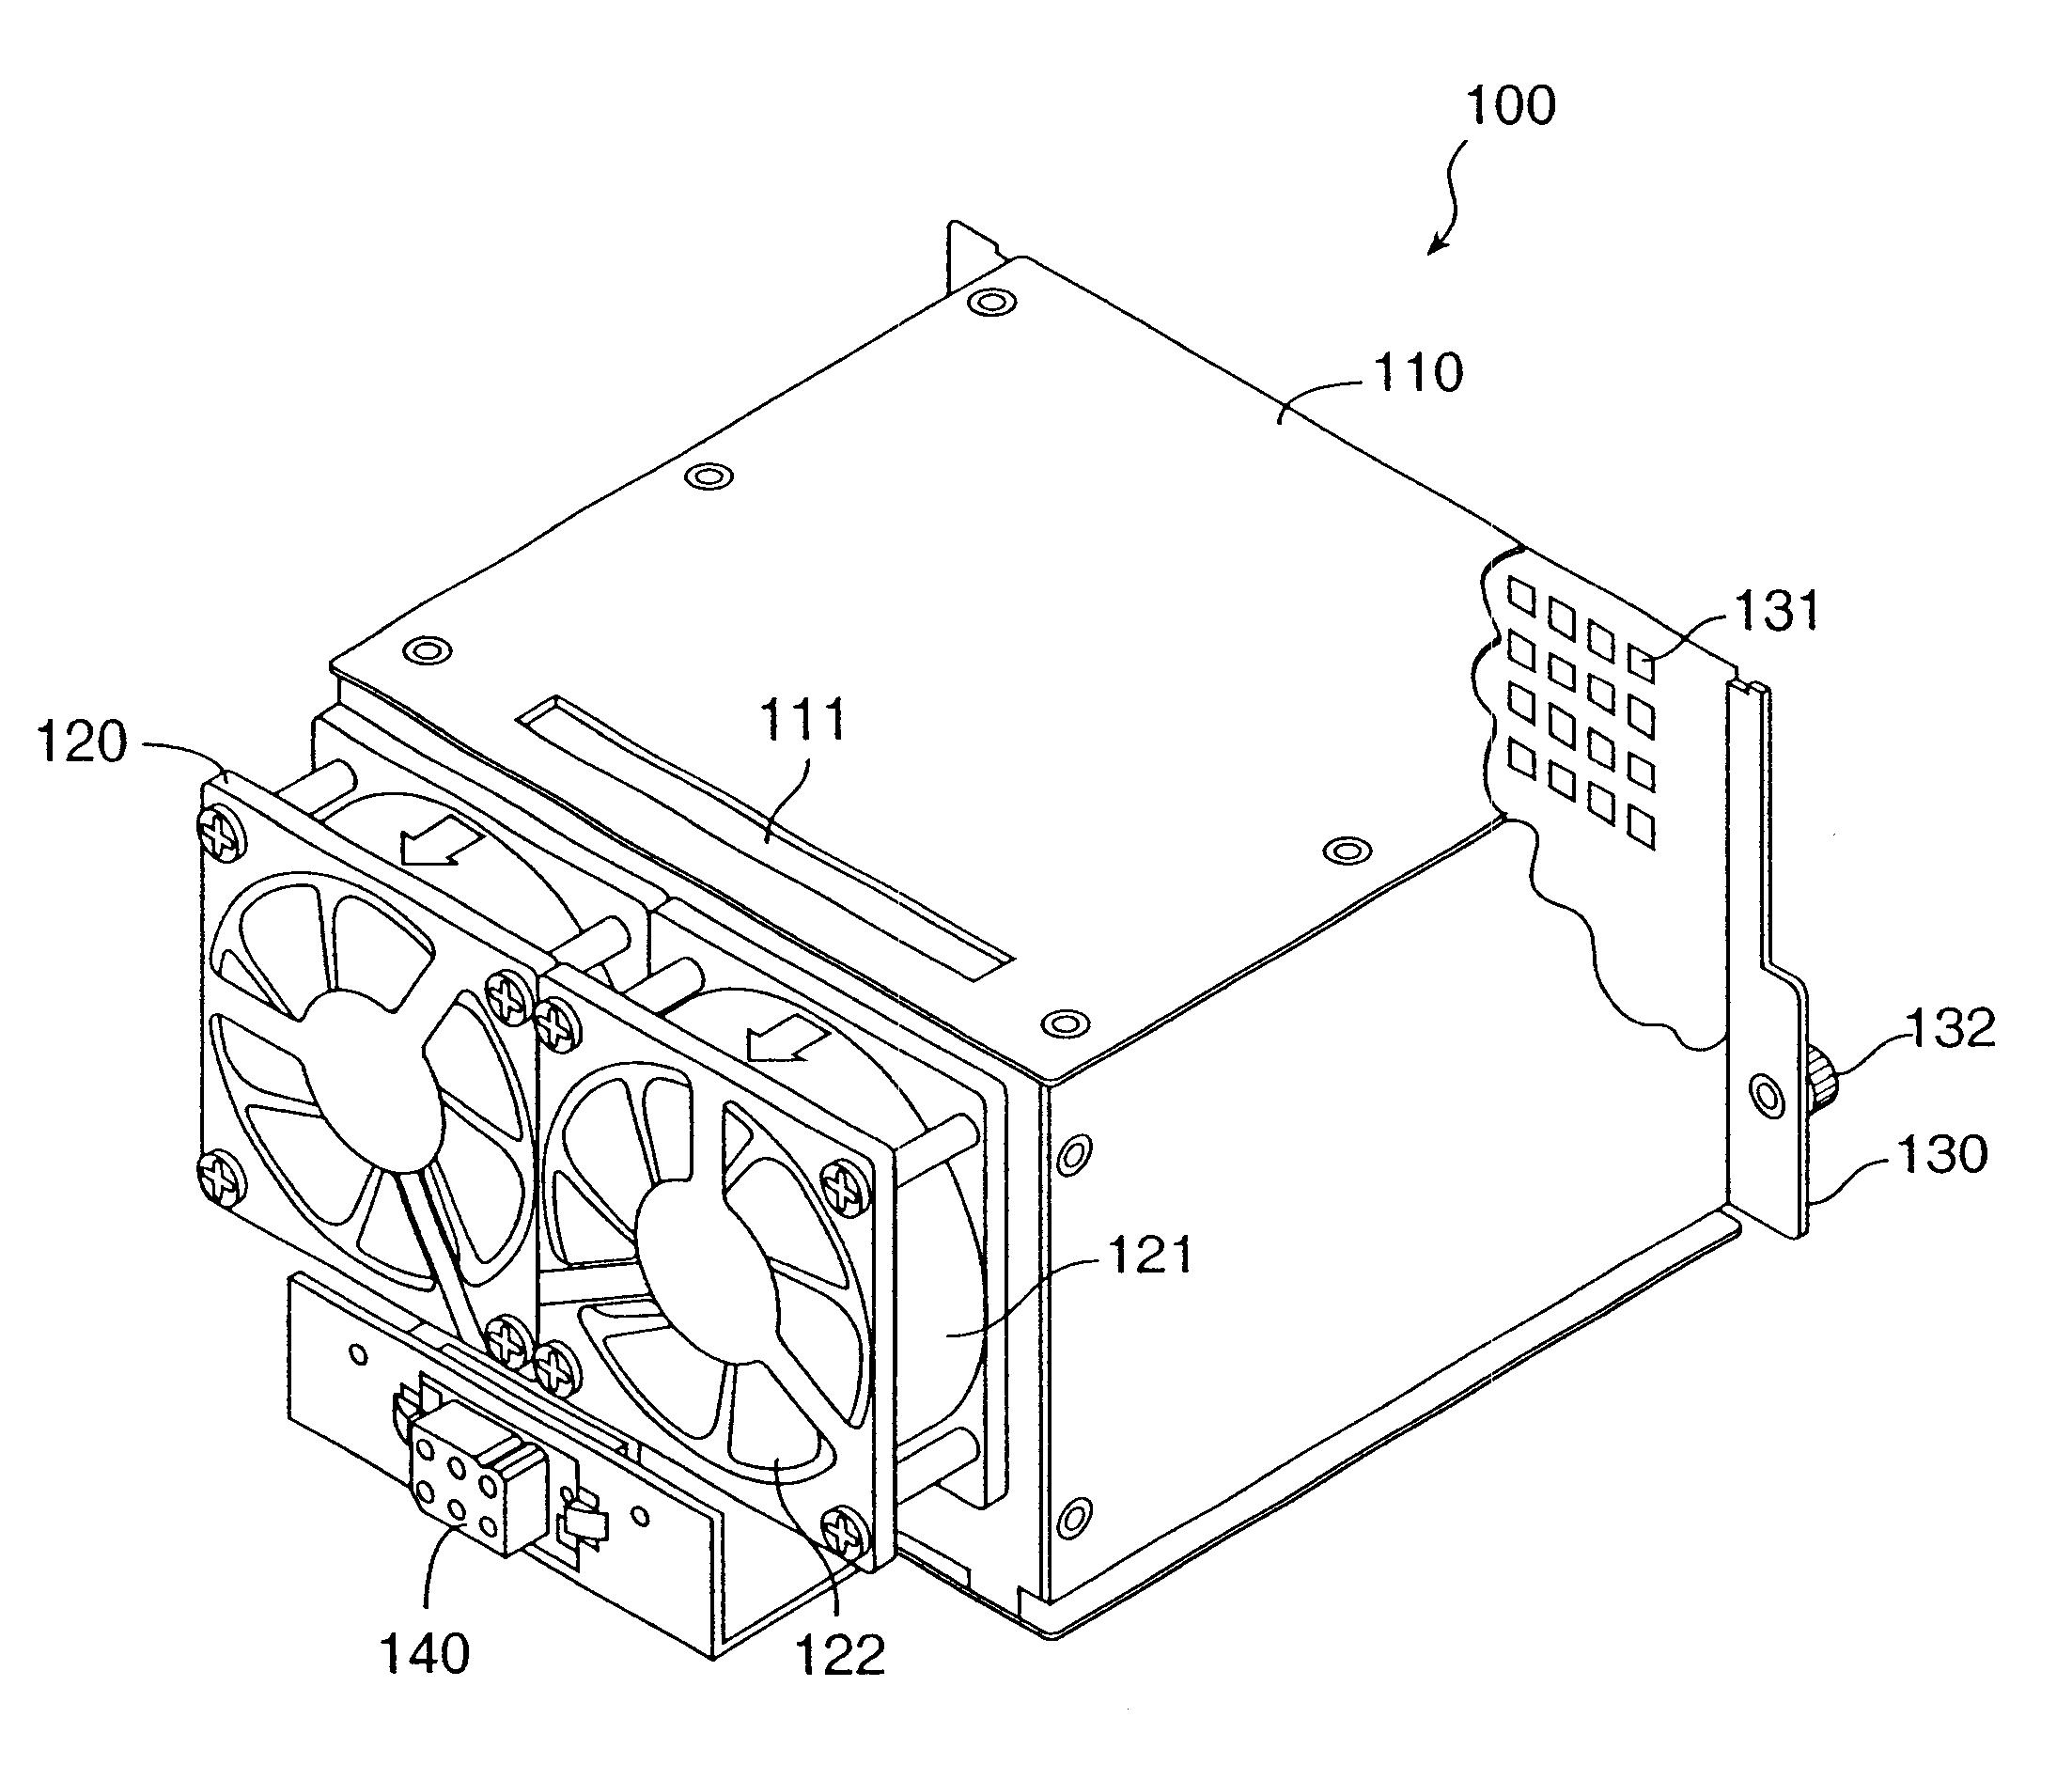 patent us6468150